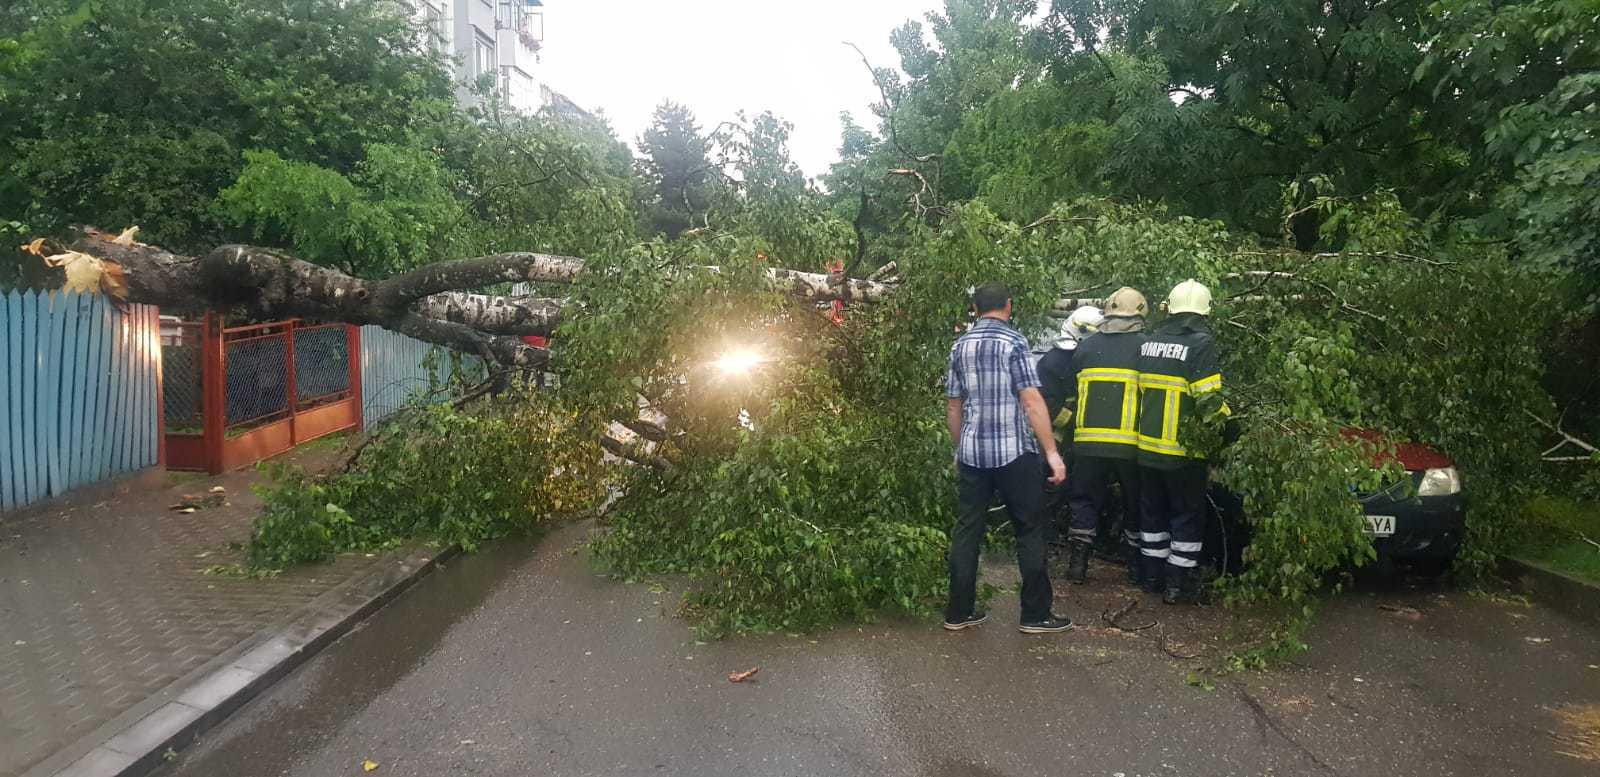 Ploile torenţiale au făcut ravagii în ţară: Drum naţional, închis. Zeci de case şi anexe, inundate/ Vijeliile au doborât mai mulţi copaci pe carosabil, iar două maşini au fost avariate | FOTO, VIDEO